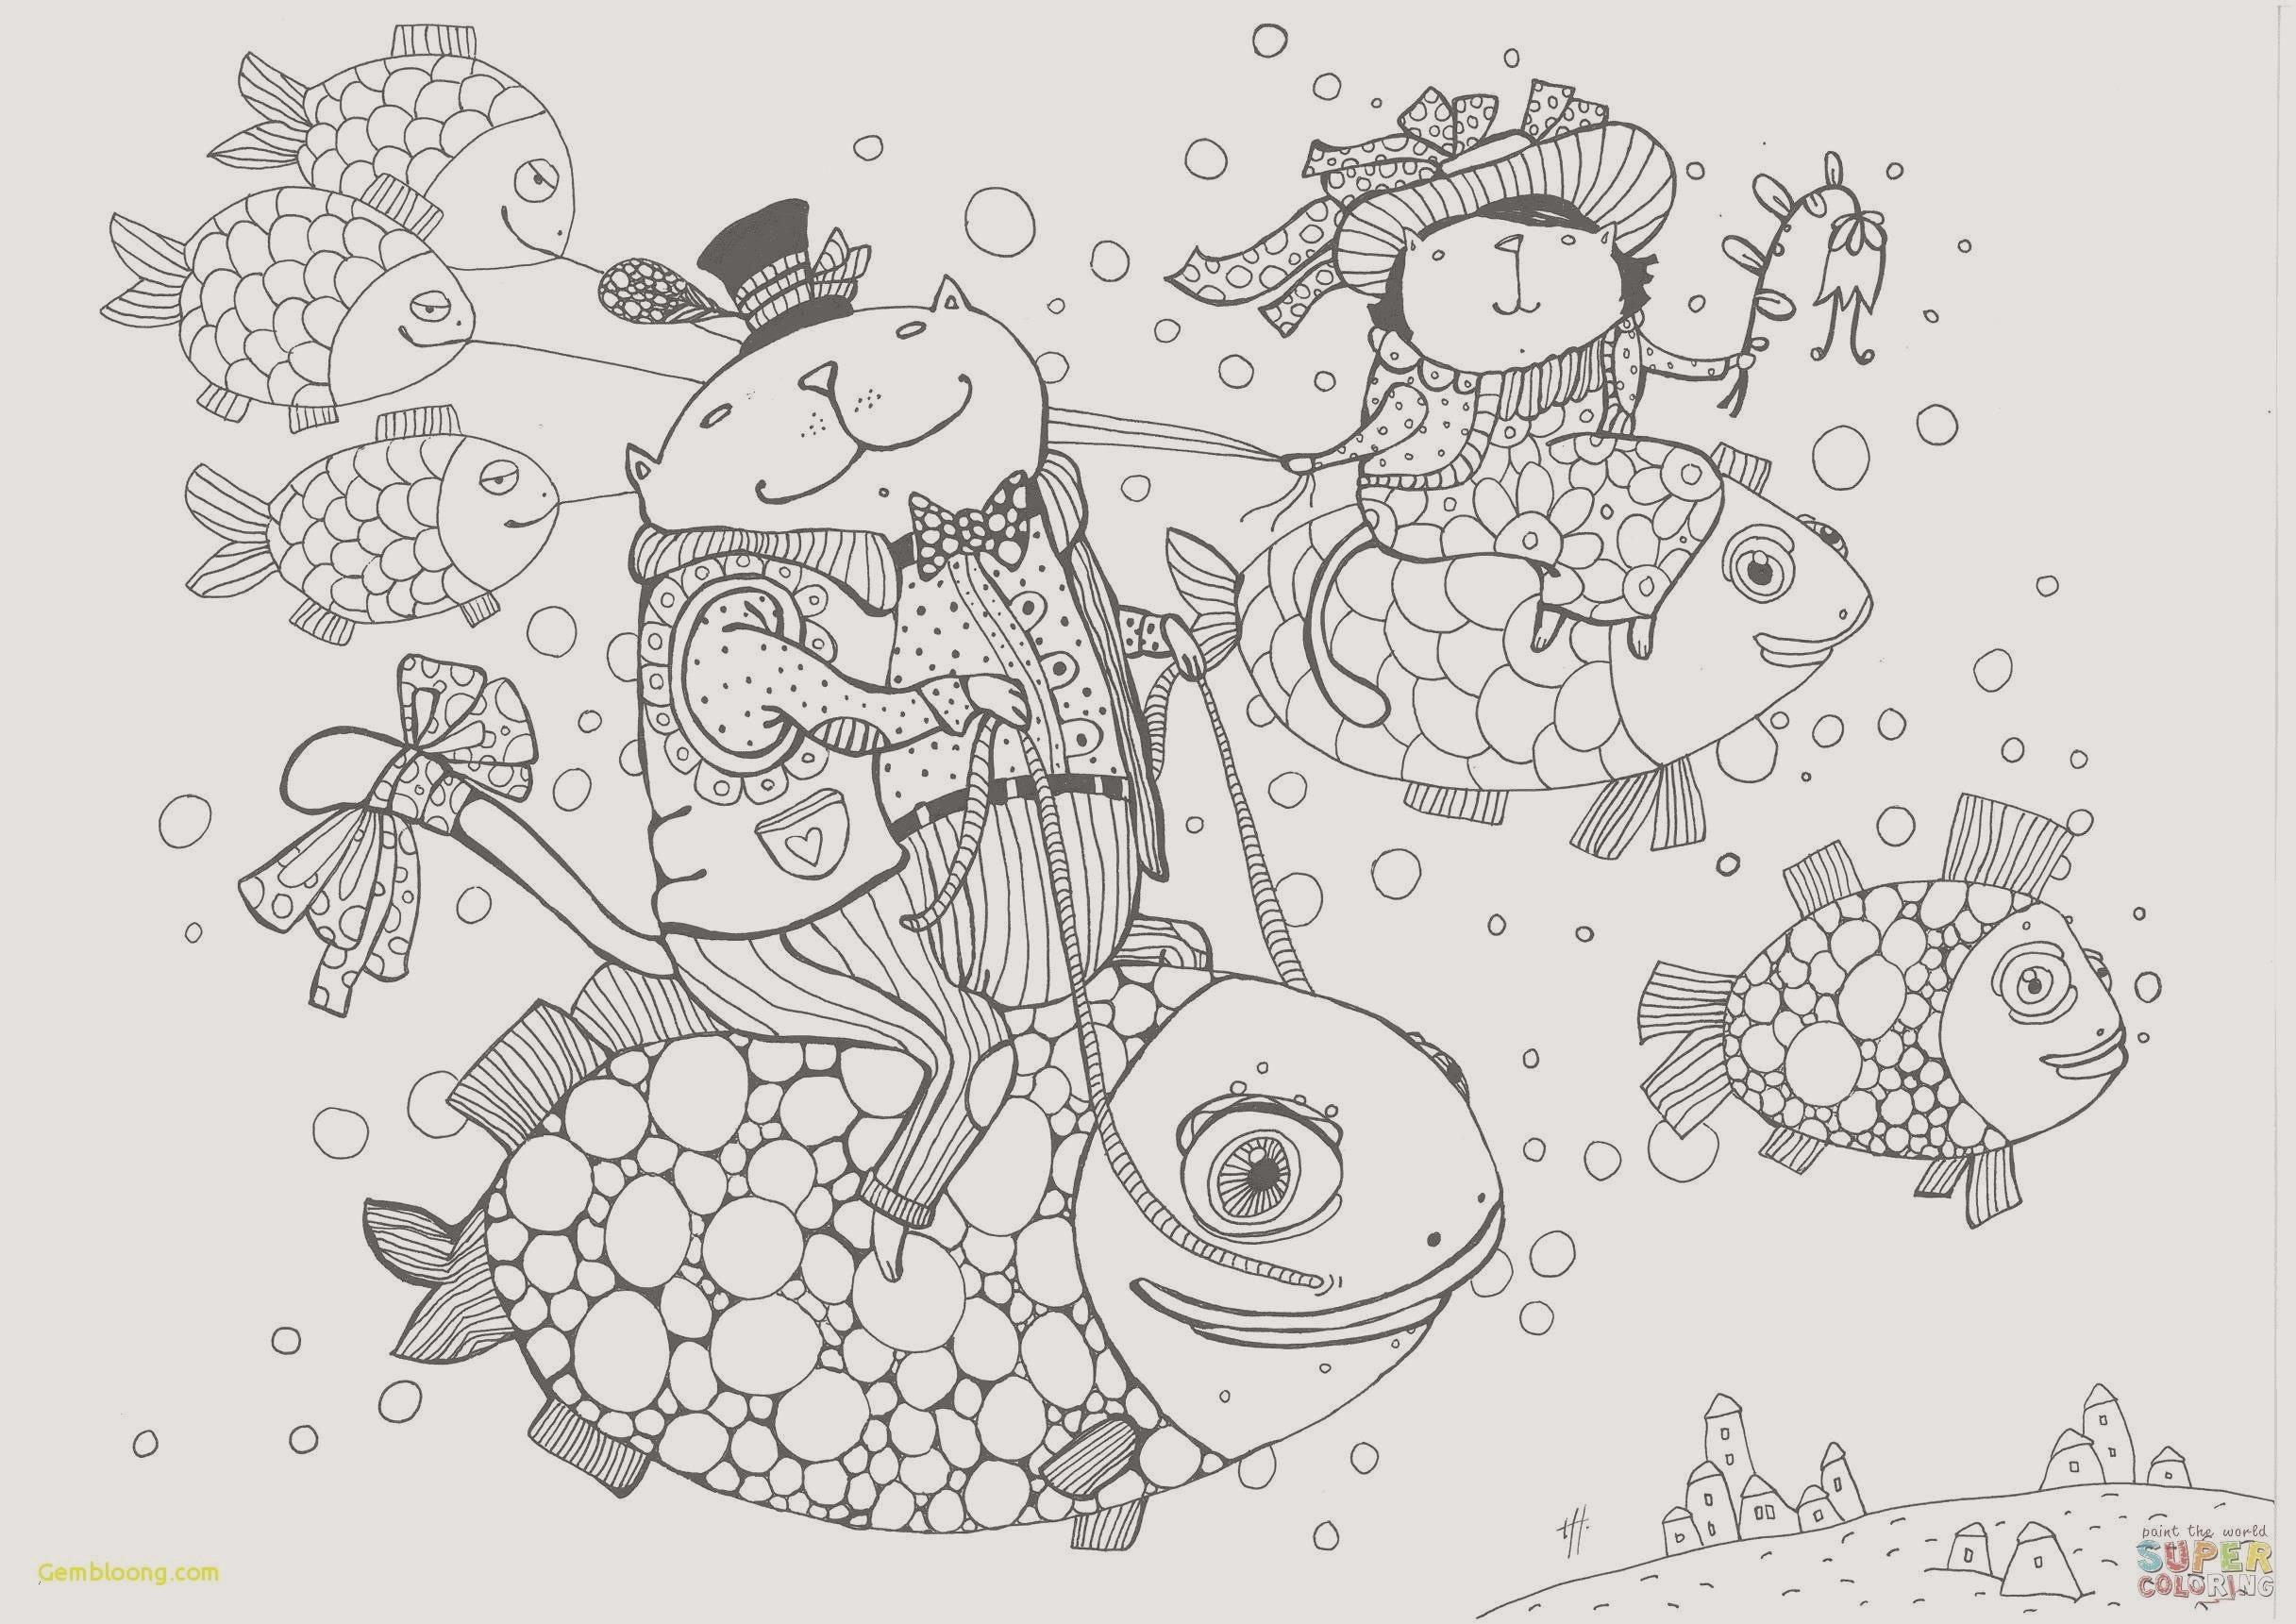 Malvorlagen Weihnachten Din A4 Frisch 31 Kostenlose Ausmalbilder Weihnachten Kostenlos Ausdrucken Das Bild